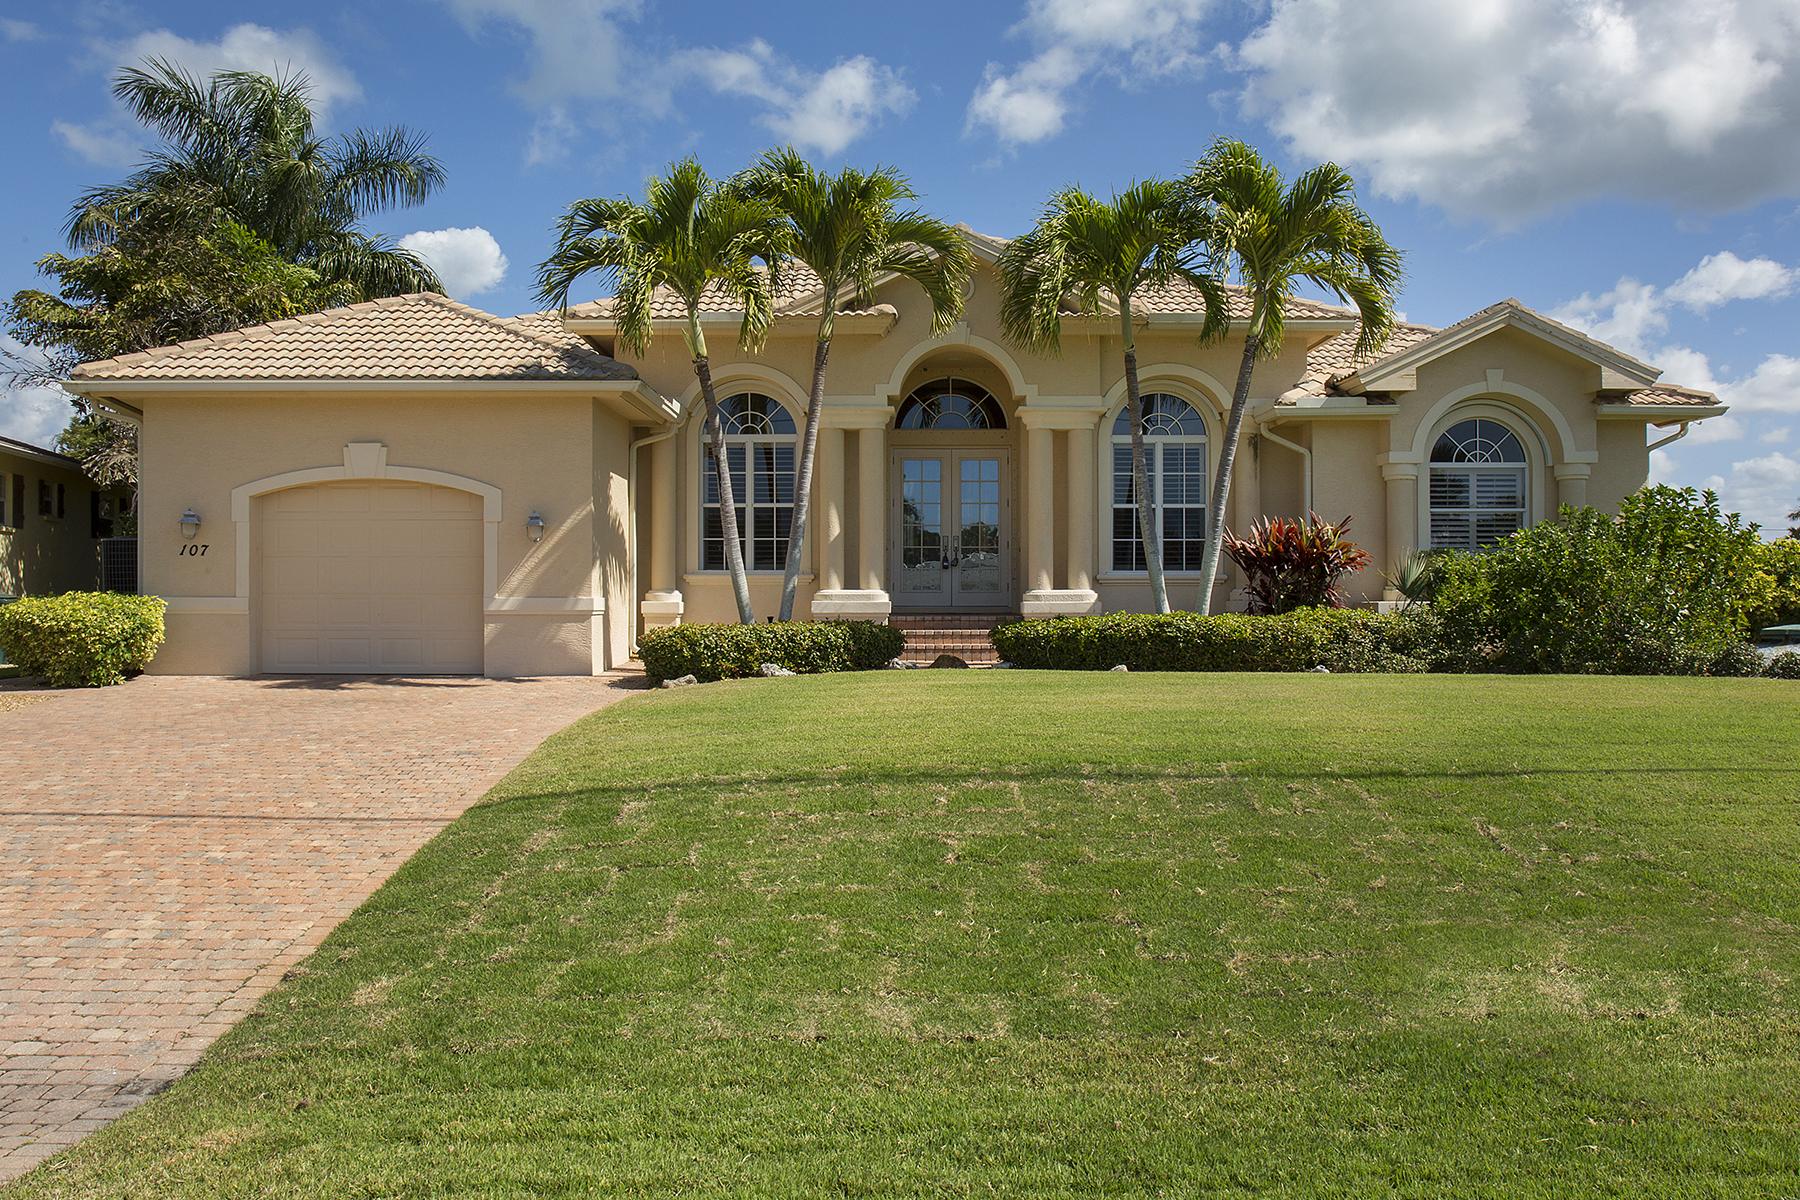 Maison unifamiliale pour l Vente à ISLES OF CAPRI 107 San Salvador St Naples, Florida, 34113 États-Unis